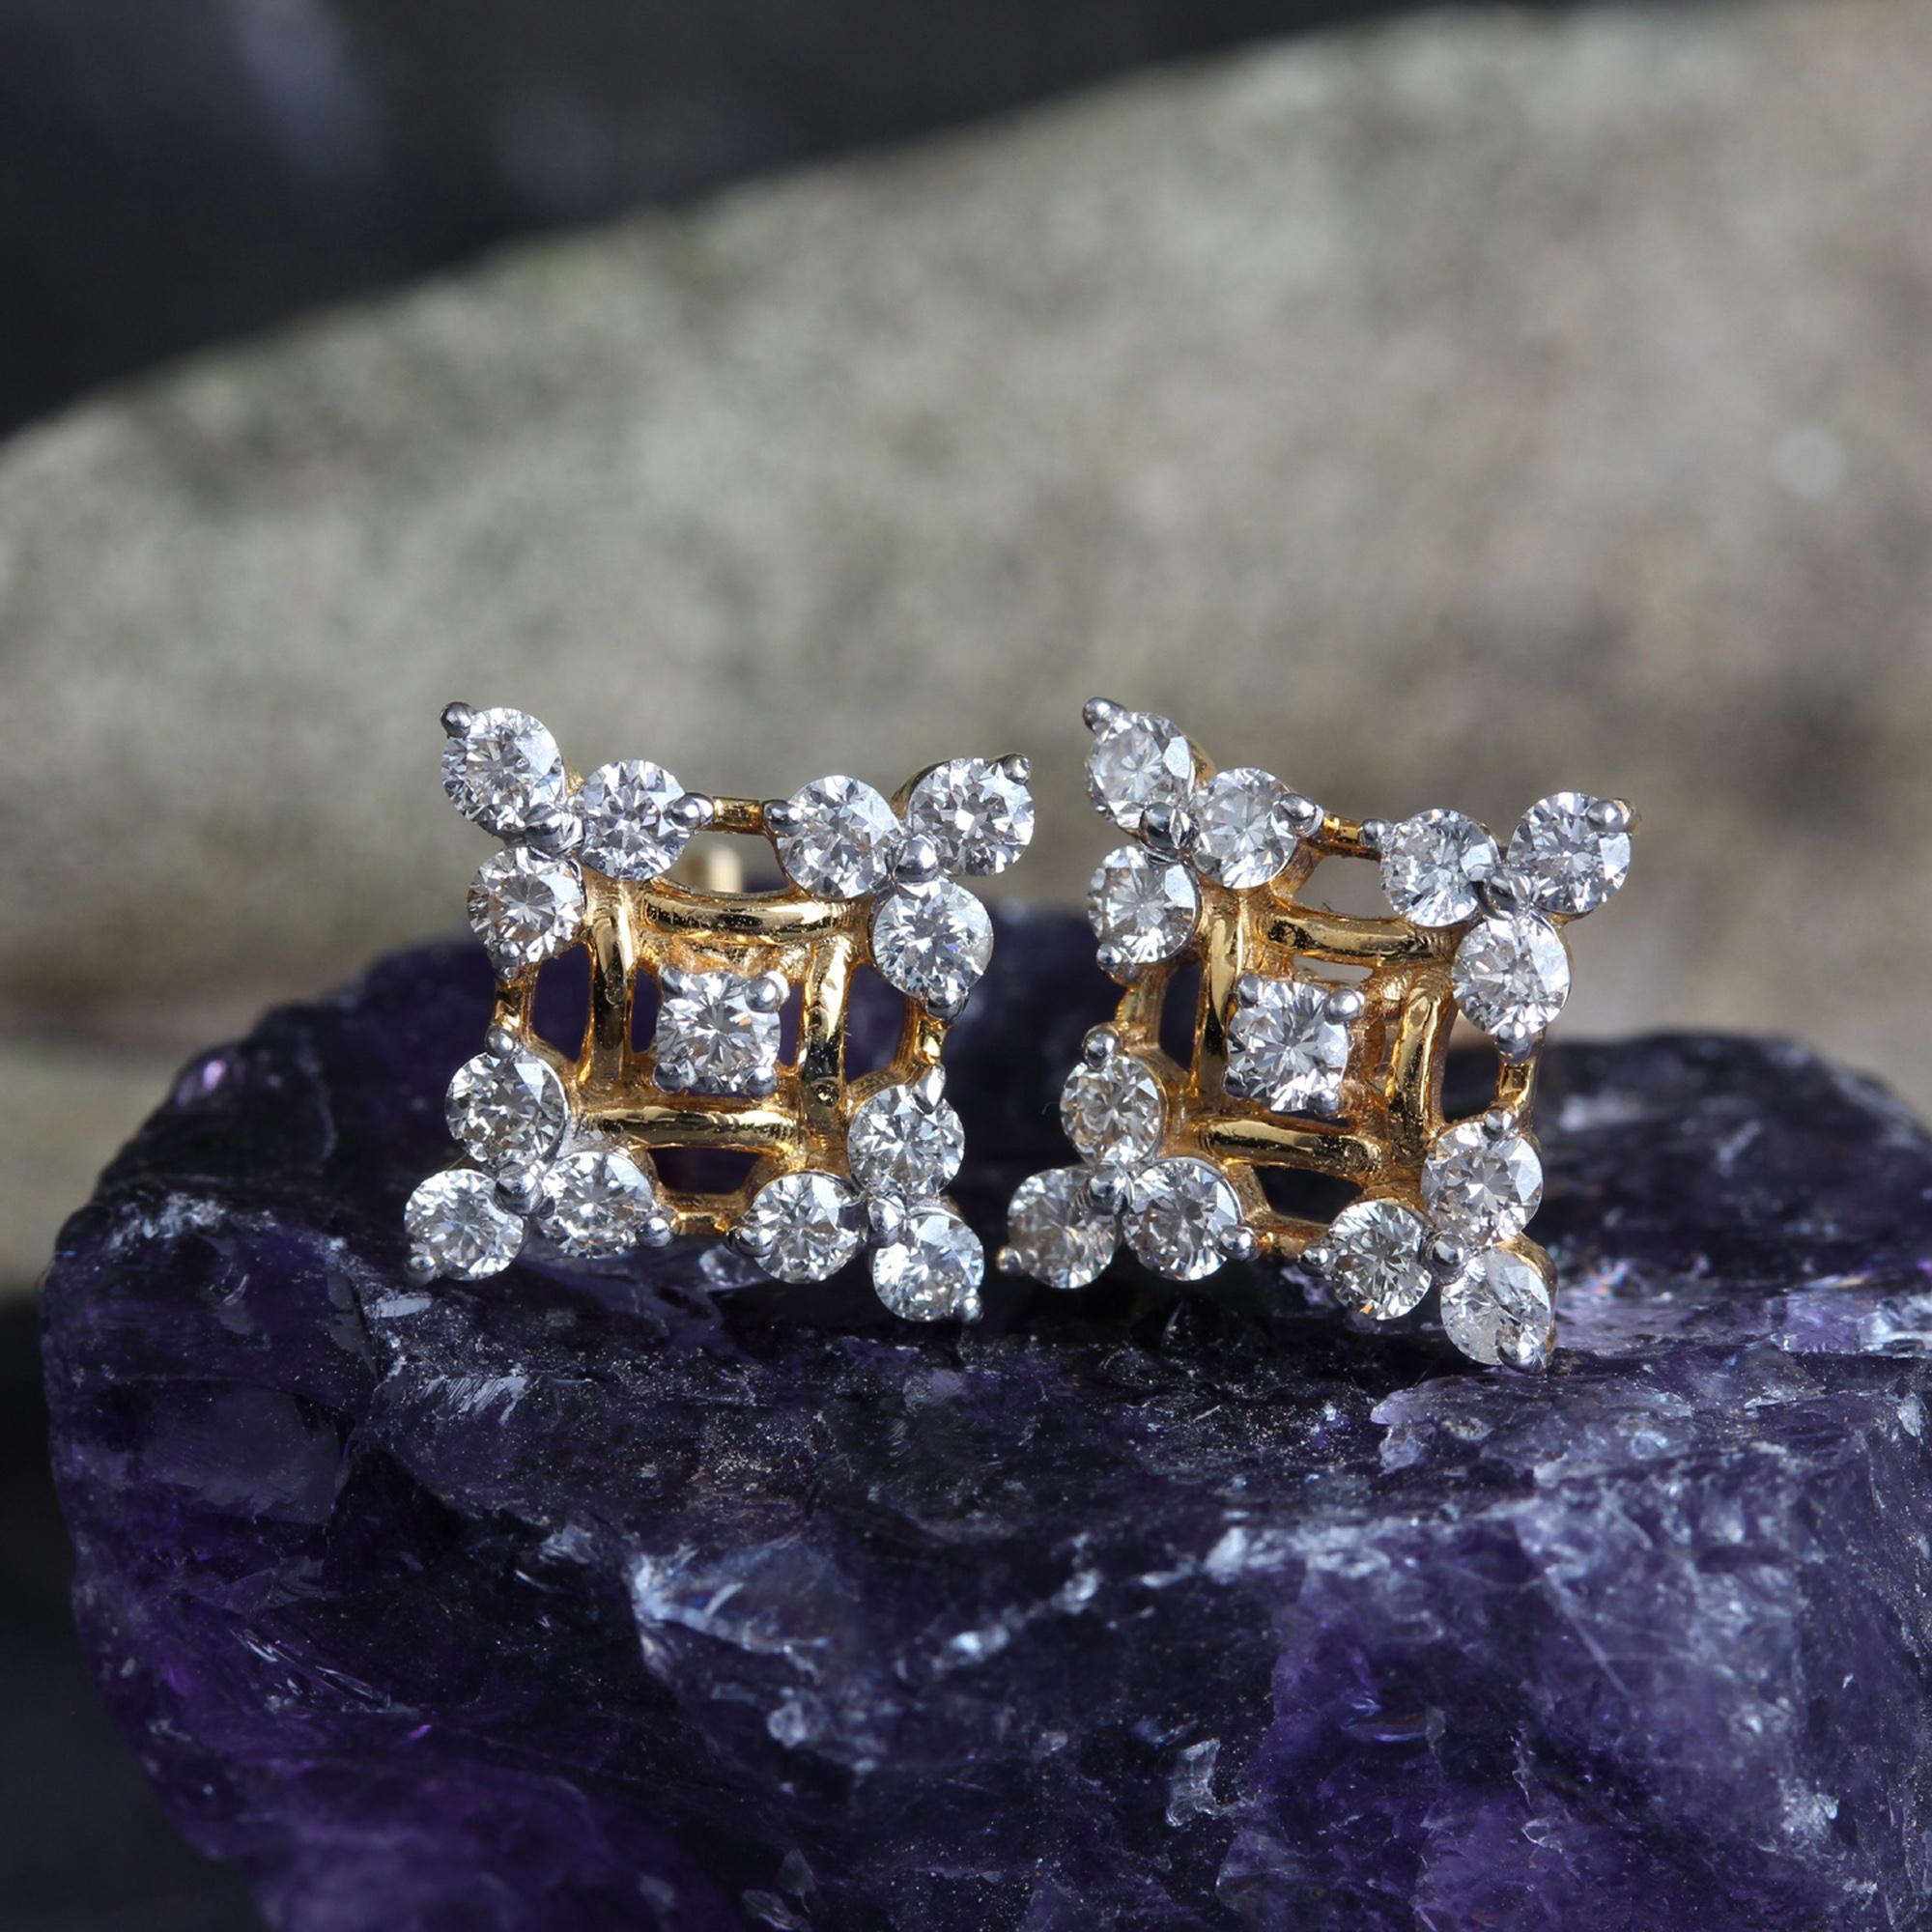 14k Gold Small Diamonds Earrings